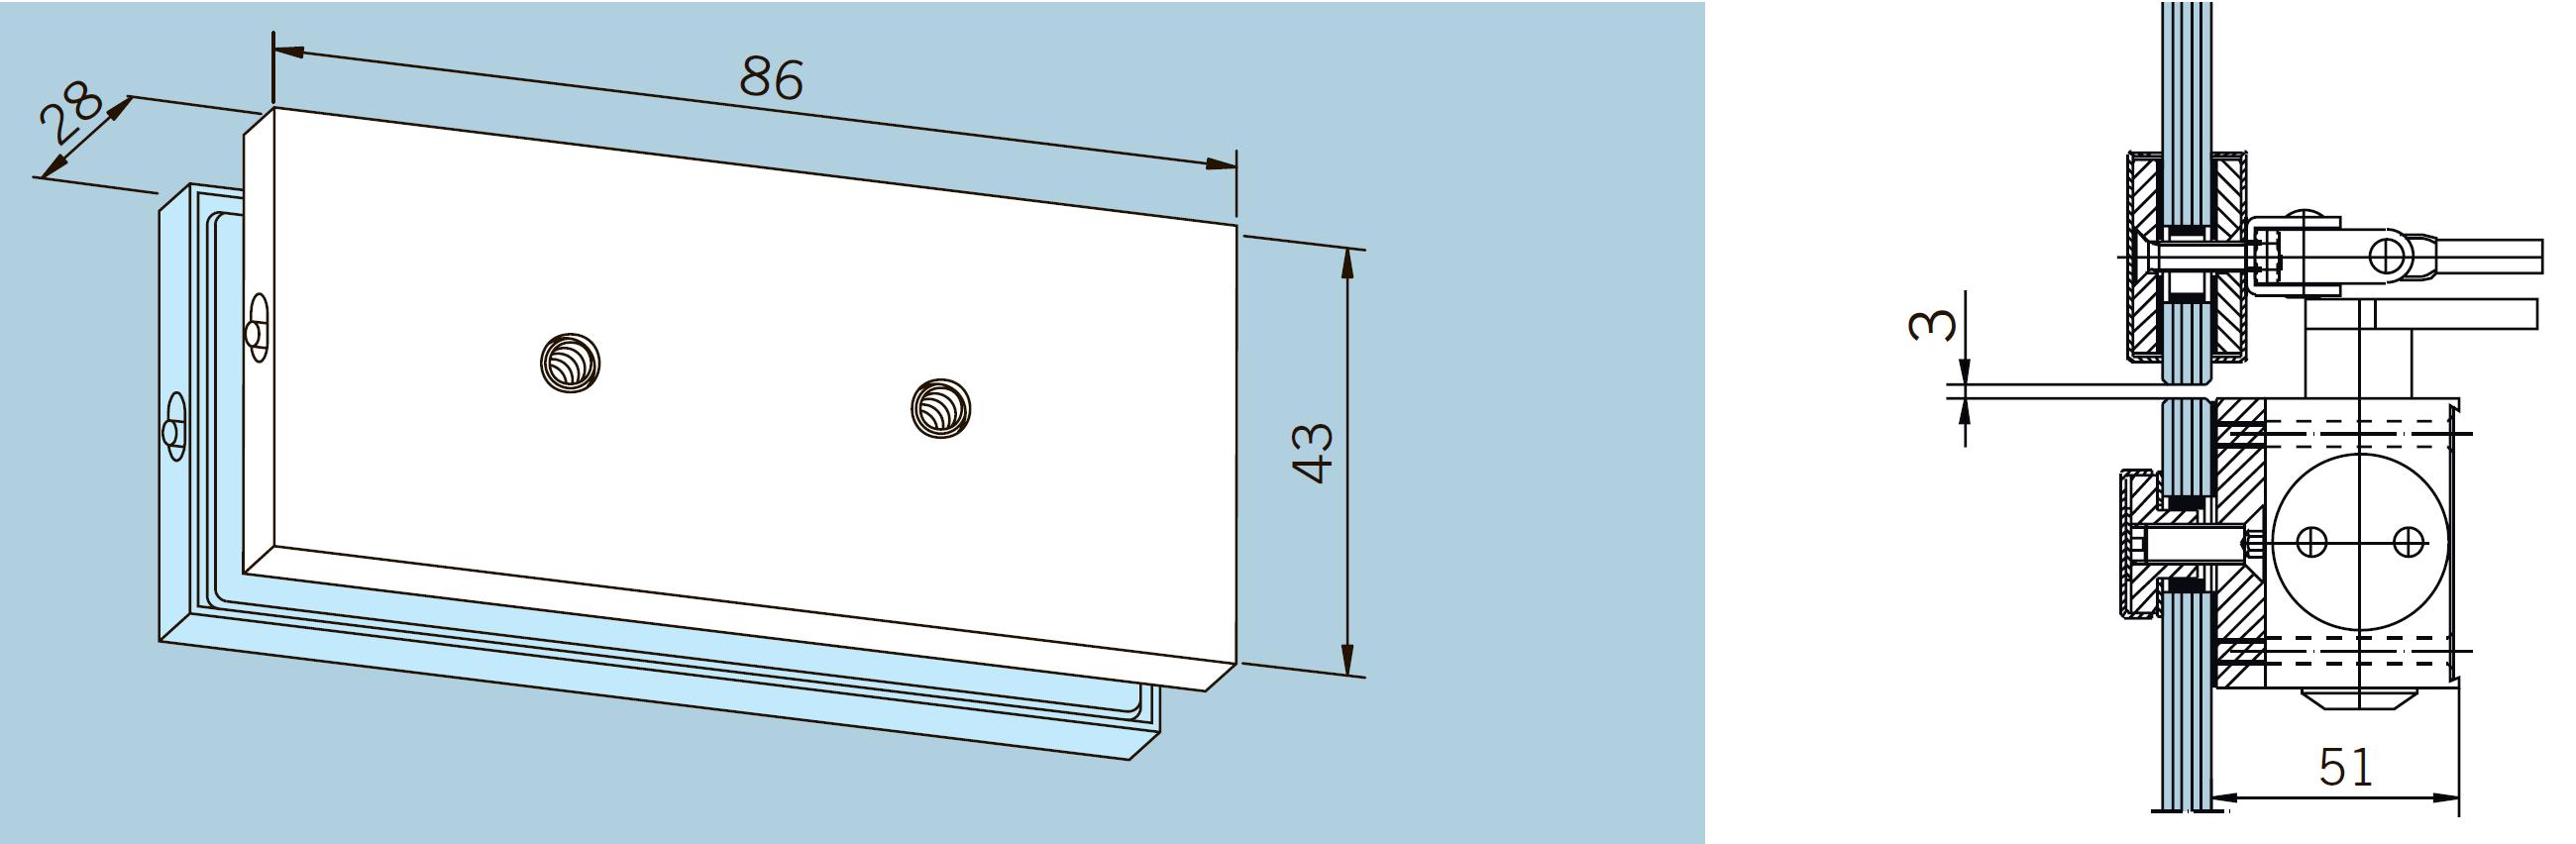 Размеры и способ крепления монтажной пластины для рычага доводчика DORMA TS 73 V, установка на фрамугу